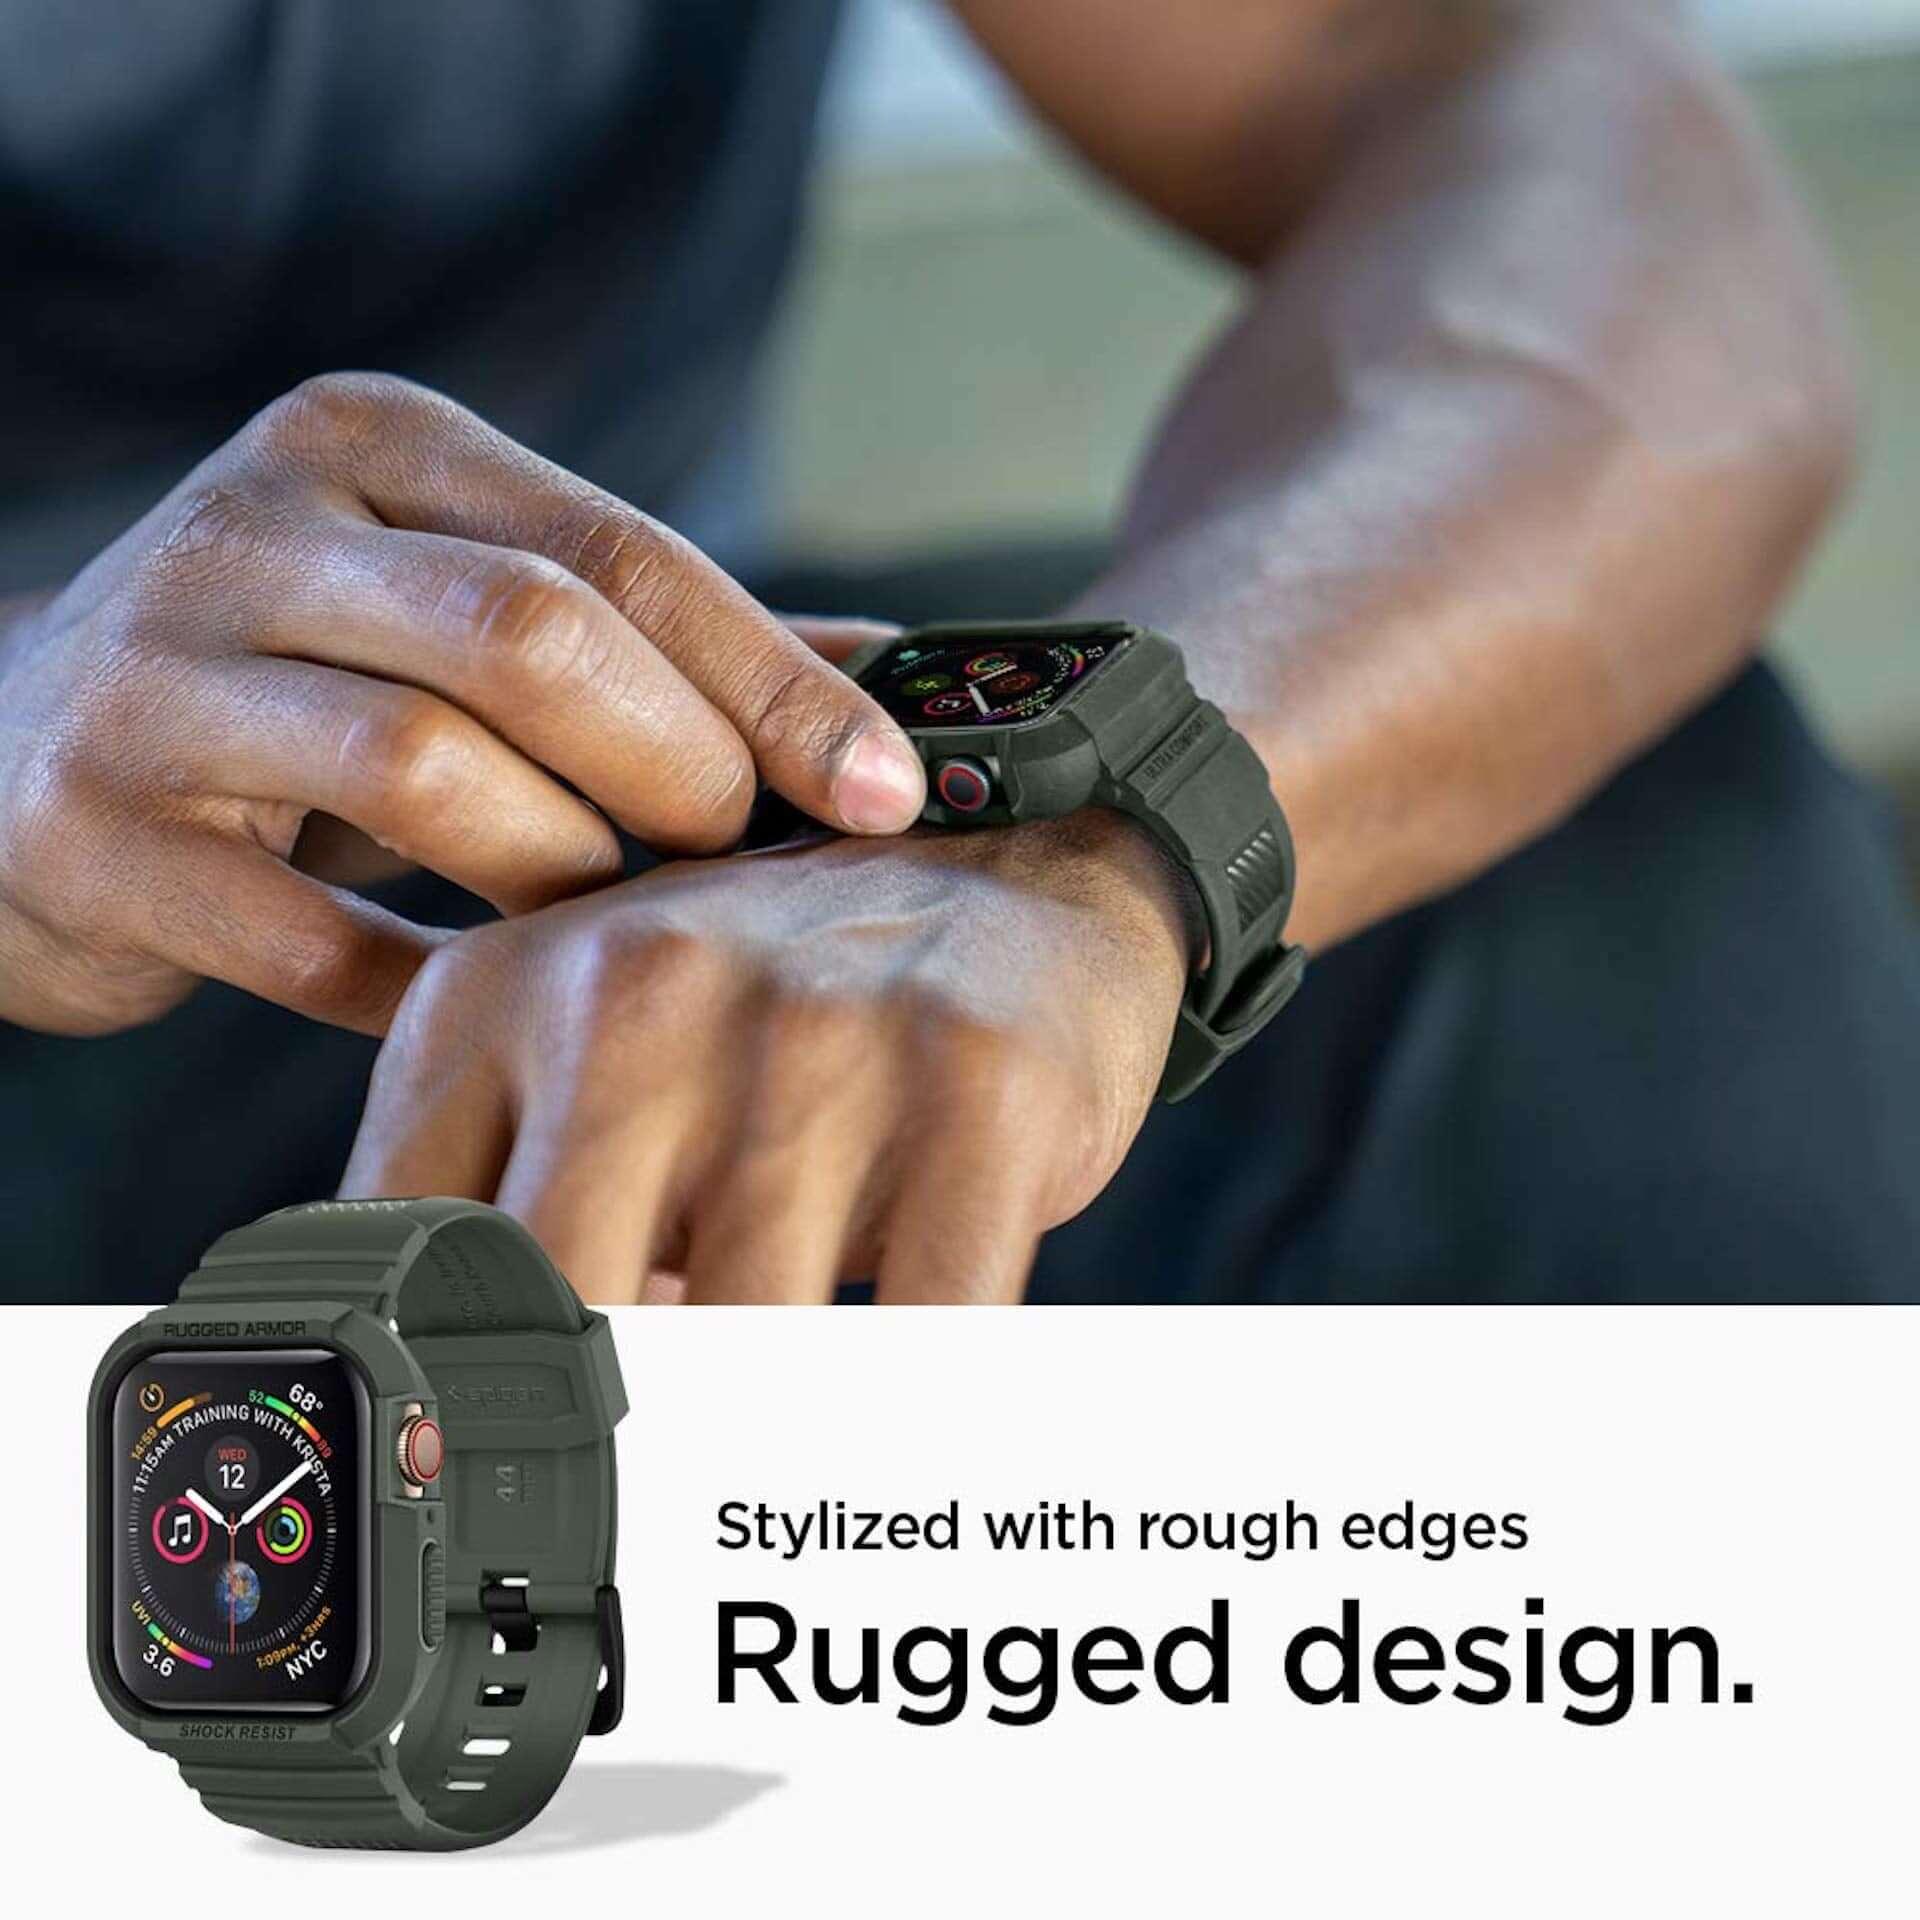 アウトドア・スポーツシーンでもApple Watchを!耐衝撃ケースSpigen「ラギッド・アーマー プロ」に新色追加 technology190708spigen-applewatch4_3-1920x1920